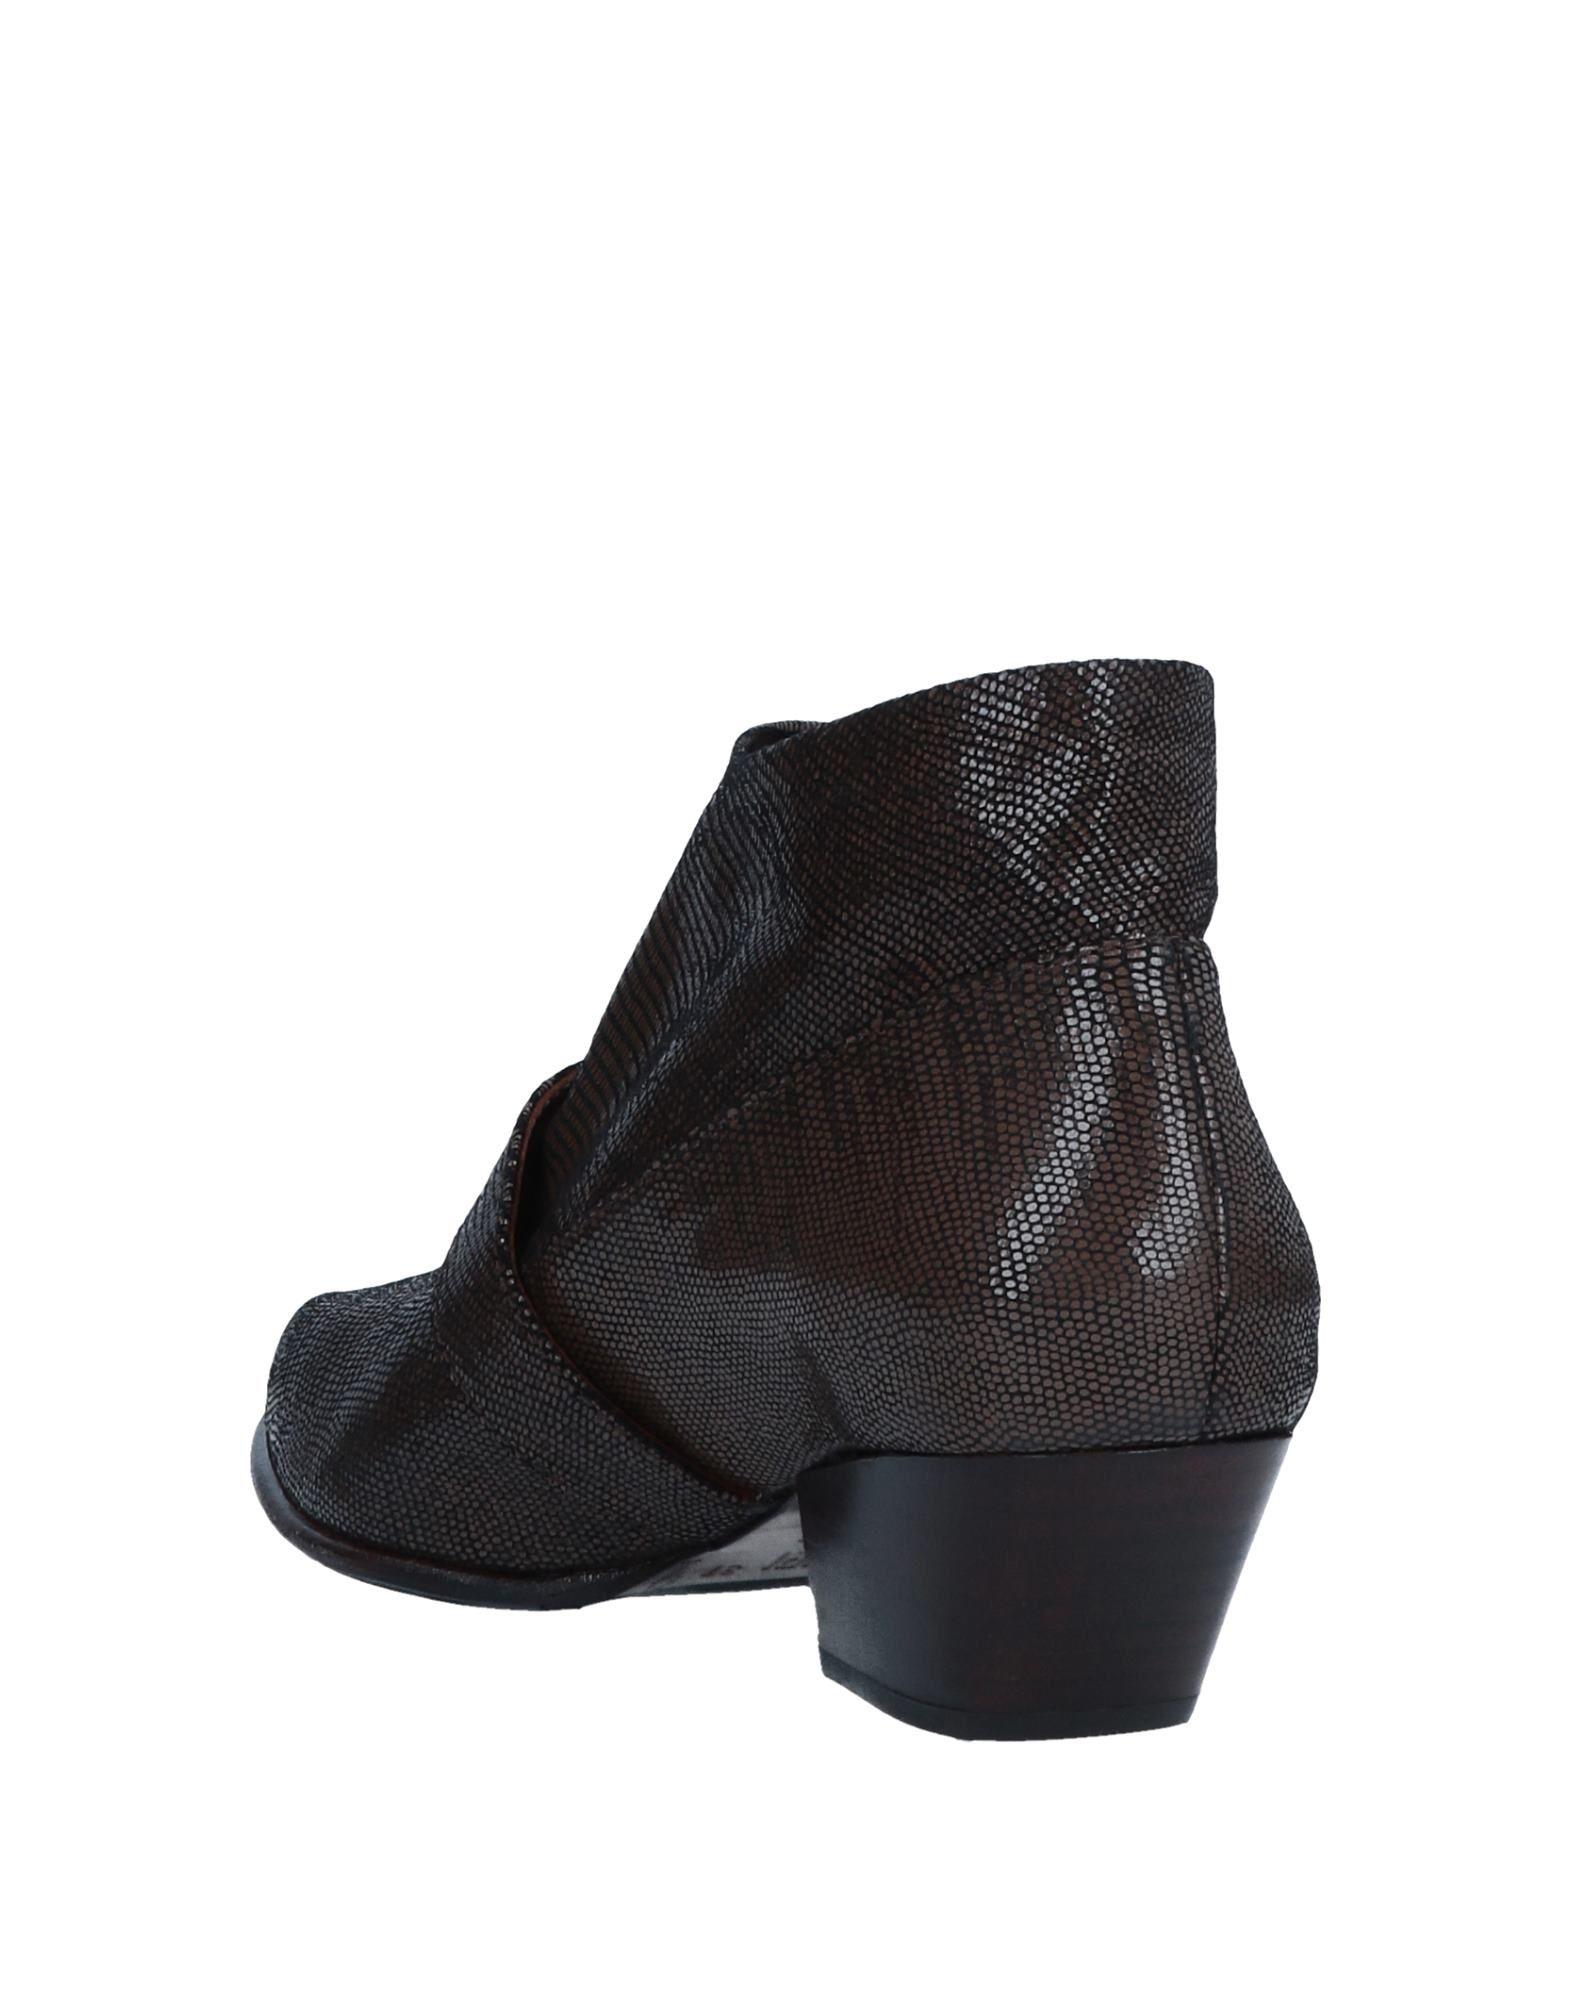 Gut um billige Damen Schuhe zu tragenAnaid Kupuri Stiefelette Damen billige  11552501JC e16bdc